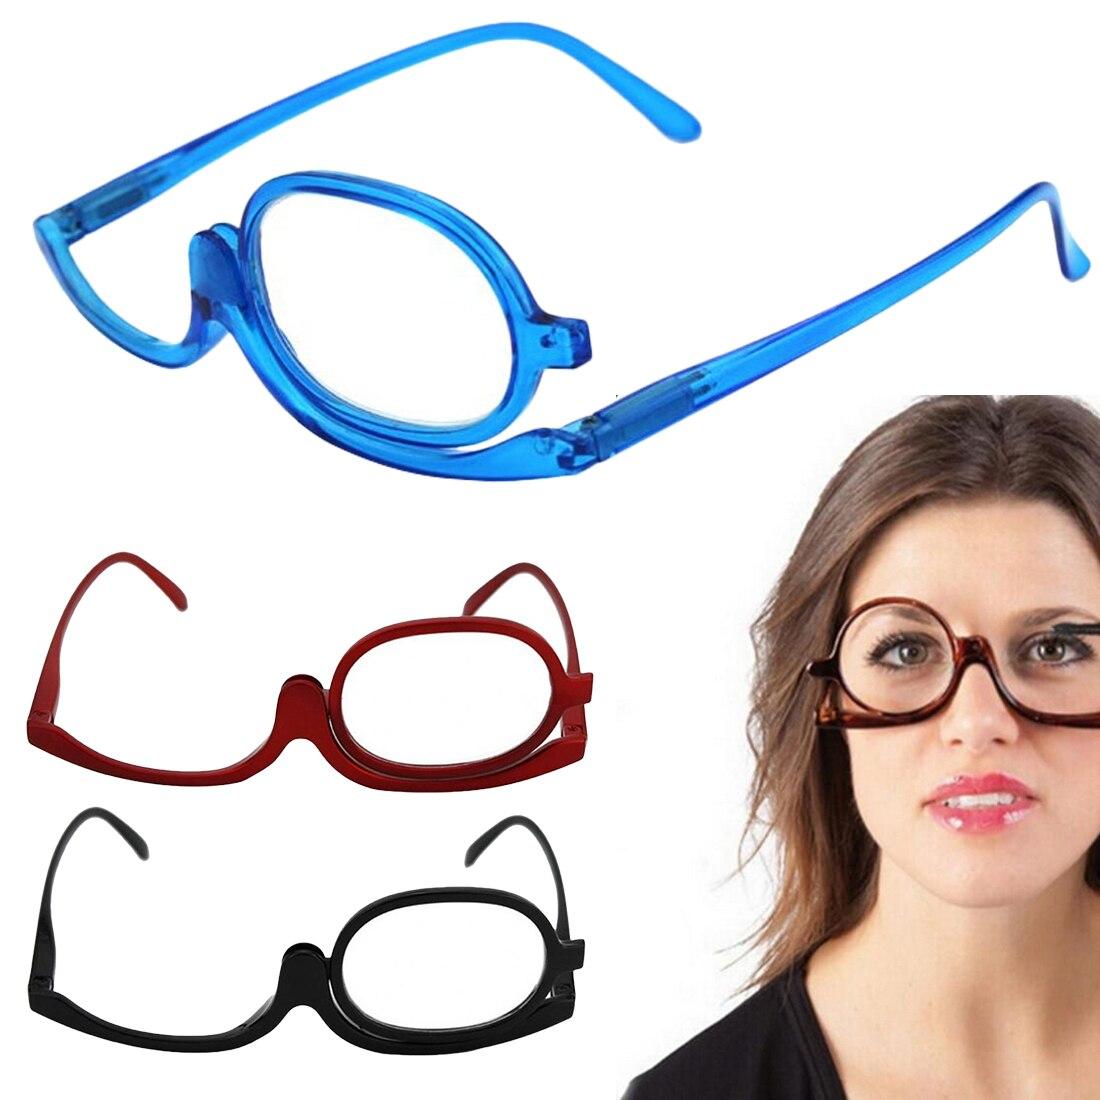 1 Pcs Lesen Glas Vergrößerungs Brille Rotierenden Make-up Klapp Brillen Kosmetische Allgemeine Lentes De Lectura Hombre